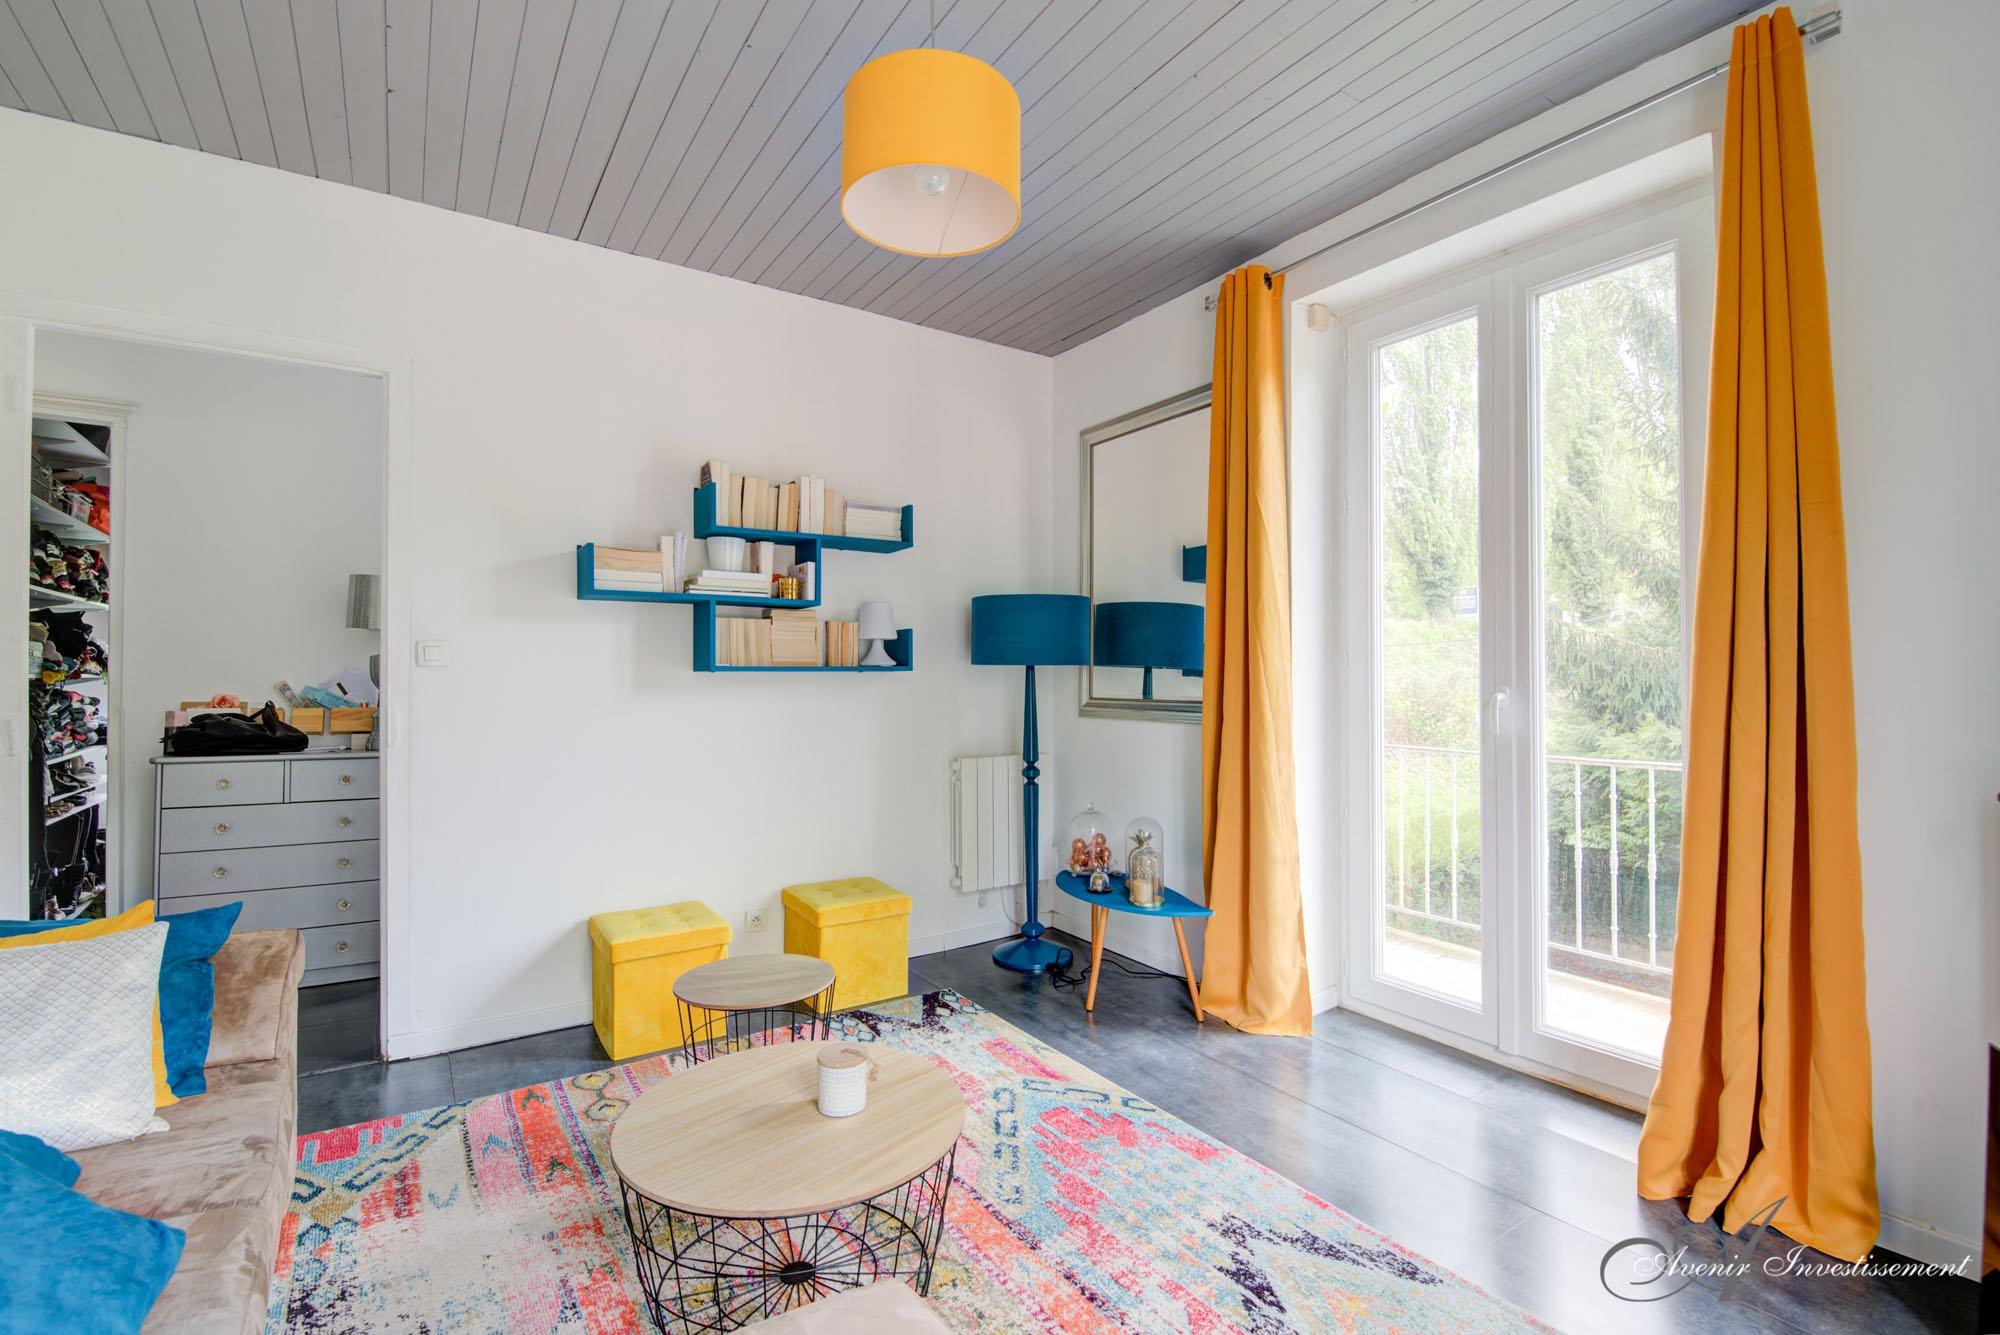 Ecully - Appartement T3 - 60 M2 - Jardinet 200 M2 Avec pour Abri De Jardin 30M2